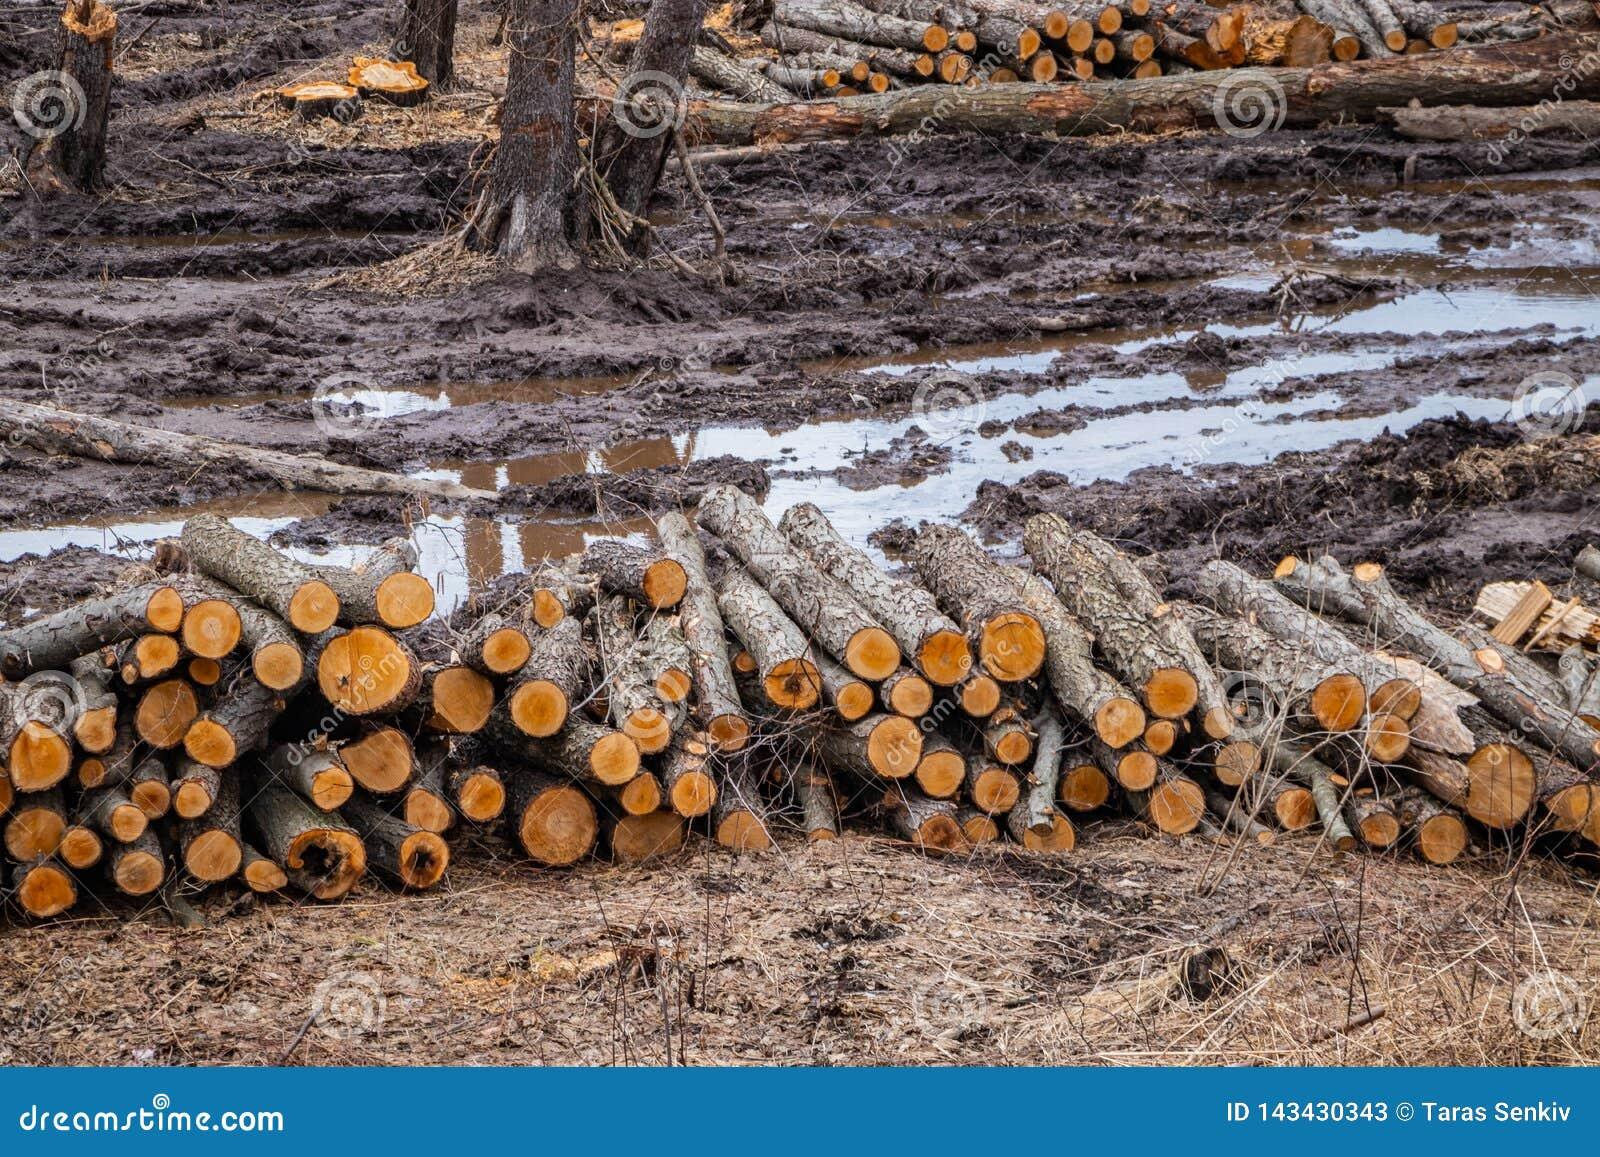 De industriële geplande ontbossing in de lente, verse els ligt op de grond onder de stompen